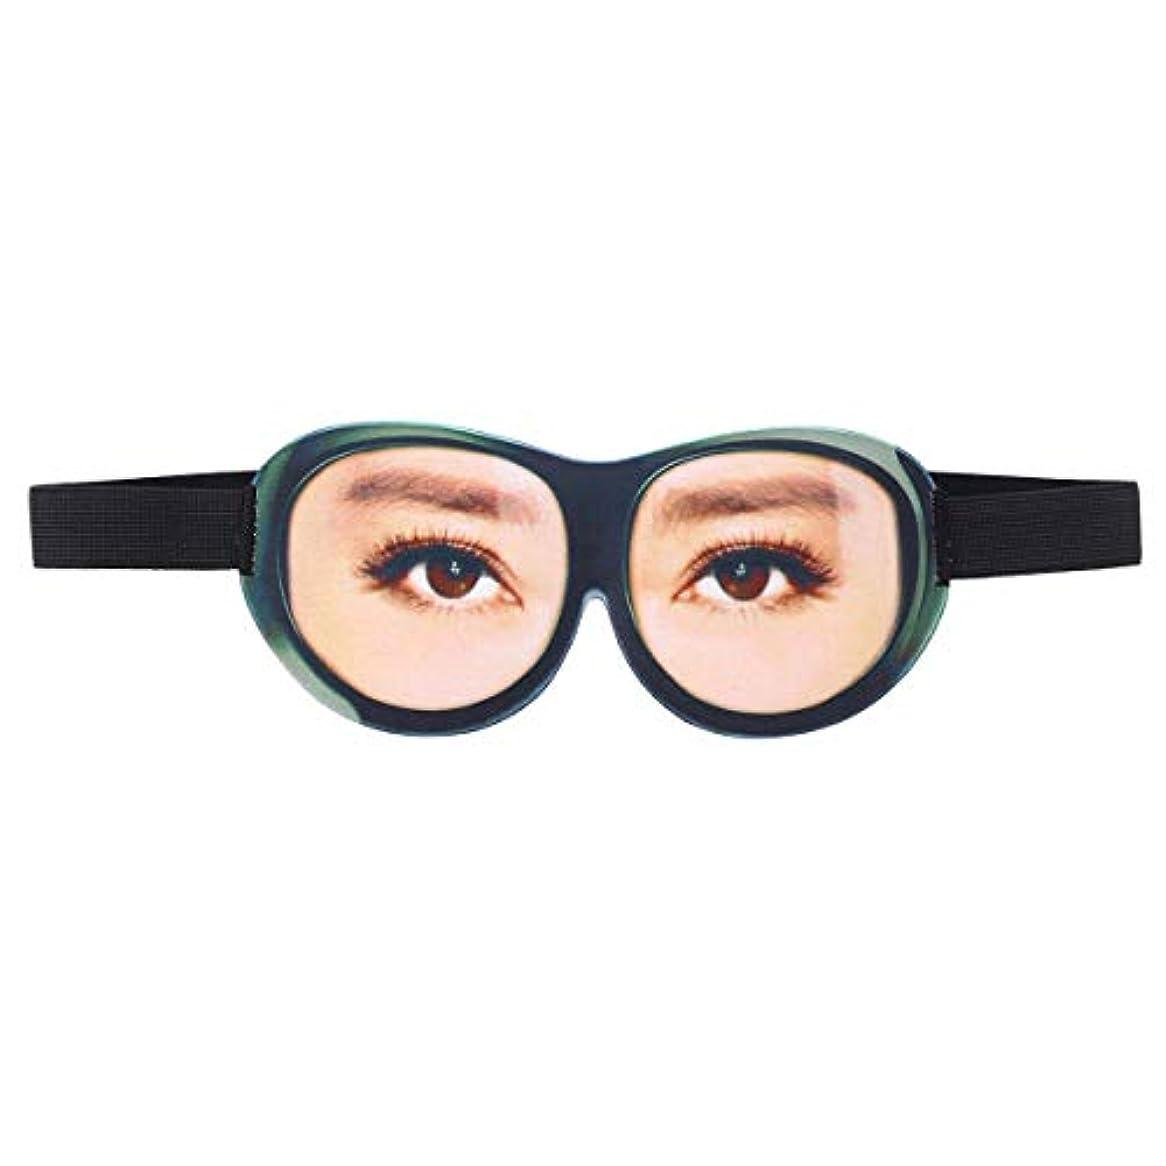 おもしろいがんばり続ける不毛のHealifty 3D面白いアイシェード睡眠マスク旅行アイマスク目隠し睡眠ヘルパーアイシェード男性女性旅行昼寝と深い睡眠(魅力的であるふりをする)